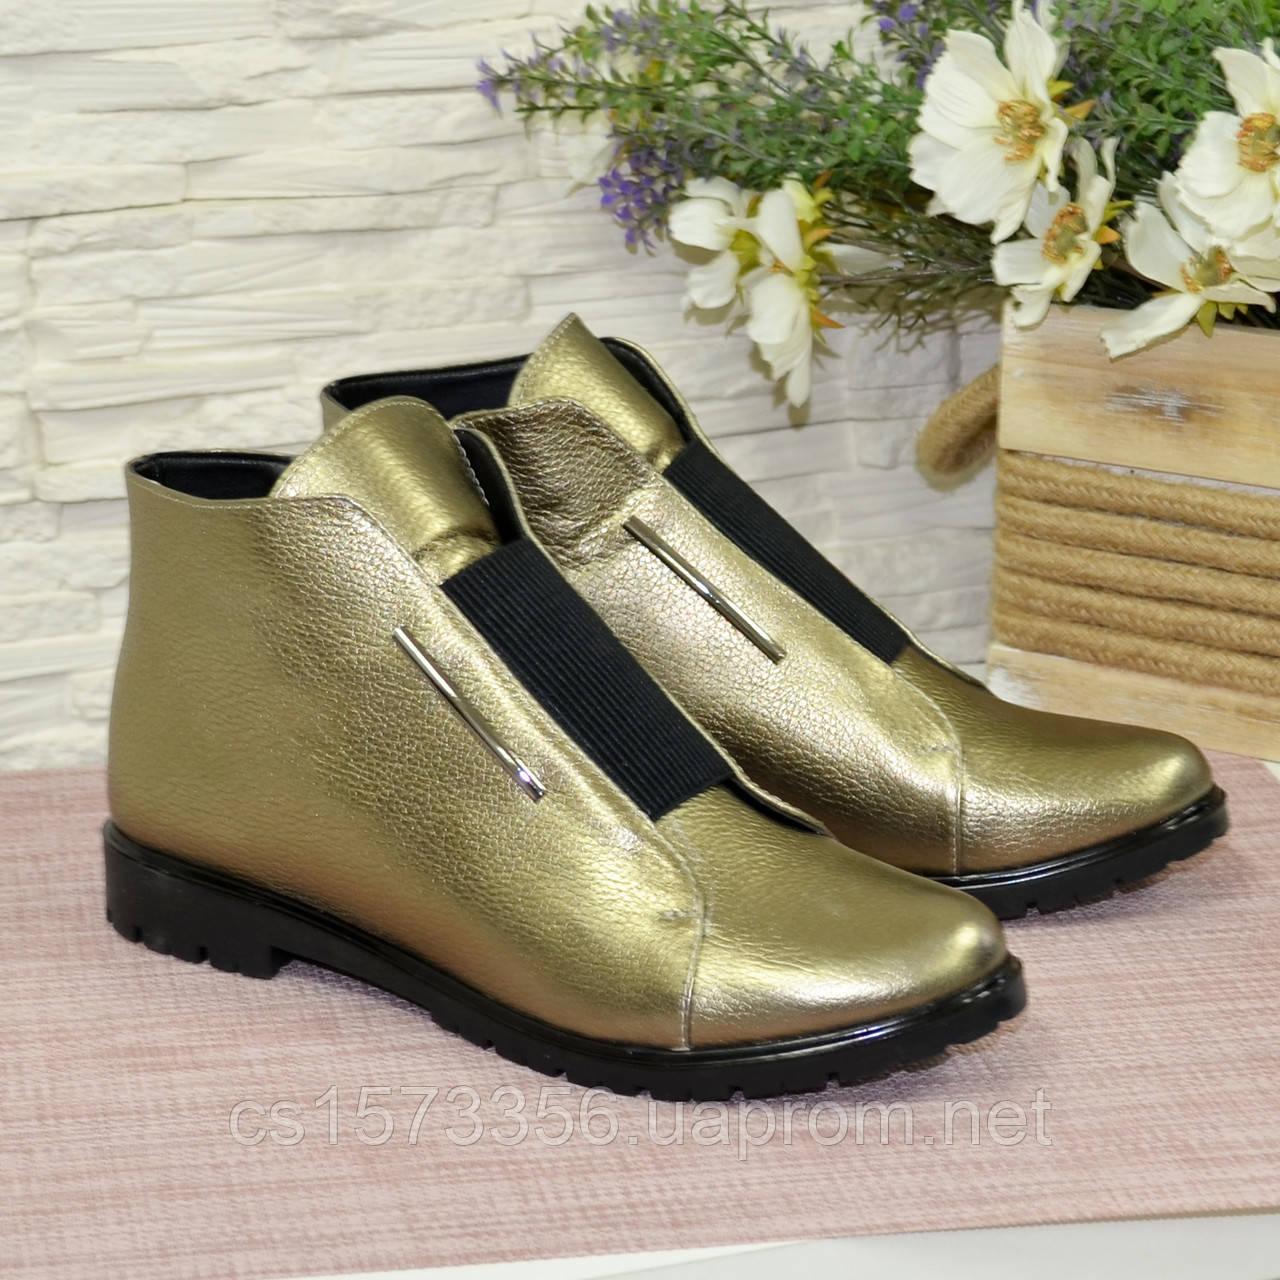 Женские демисезонные ботинки из натуральной кожи, на плоской подошве